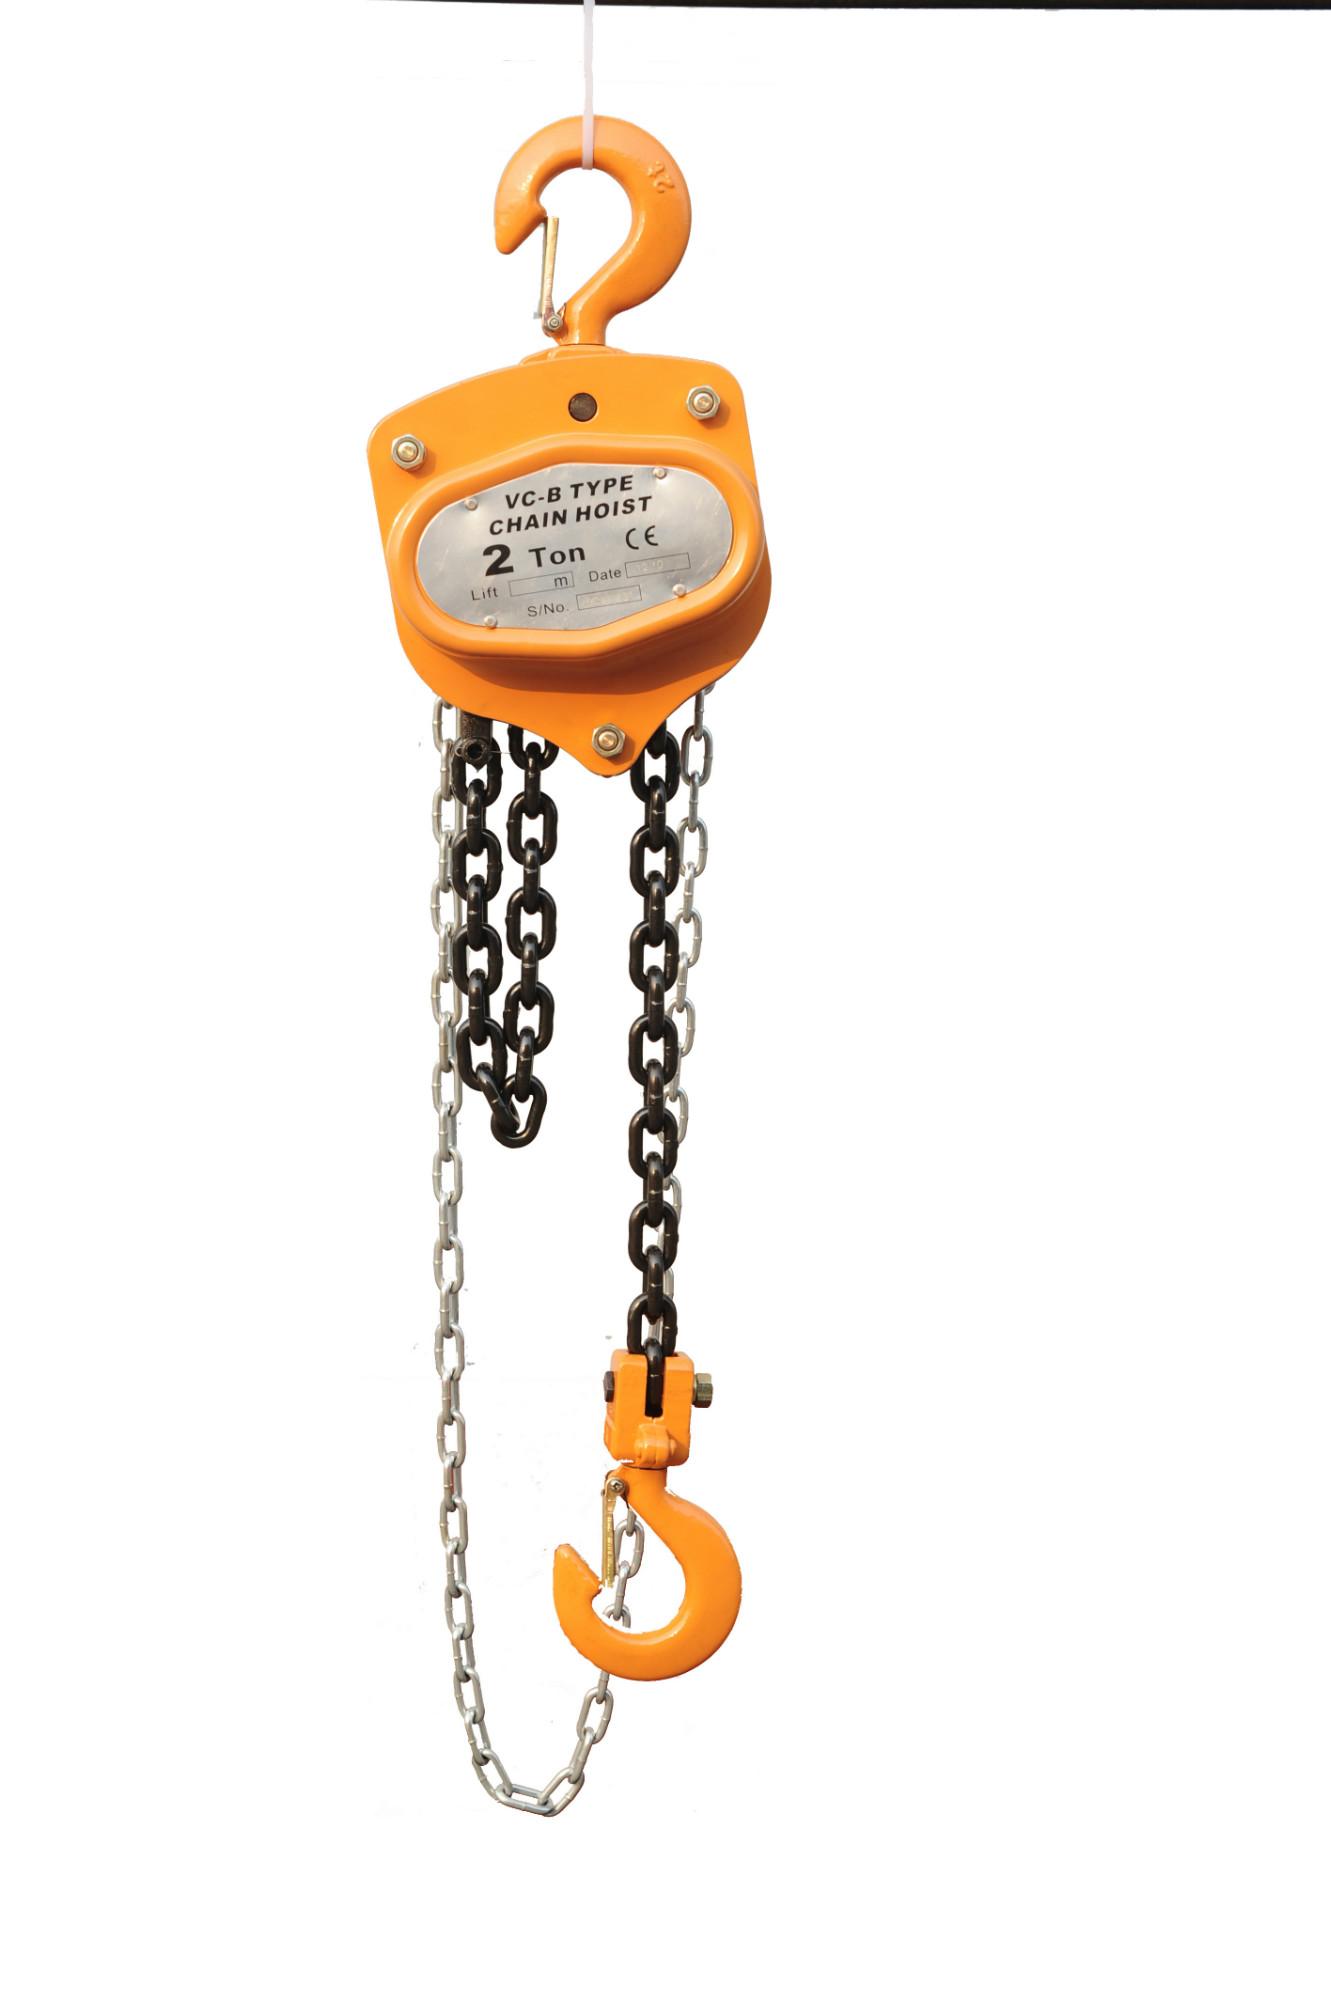 VC-B 2 ton chain hoist